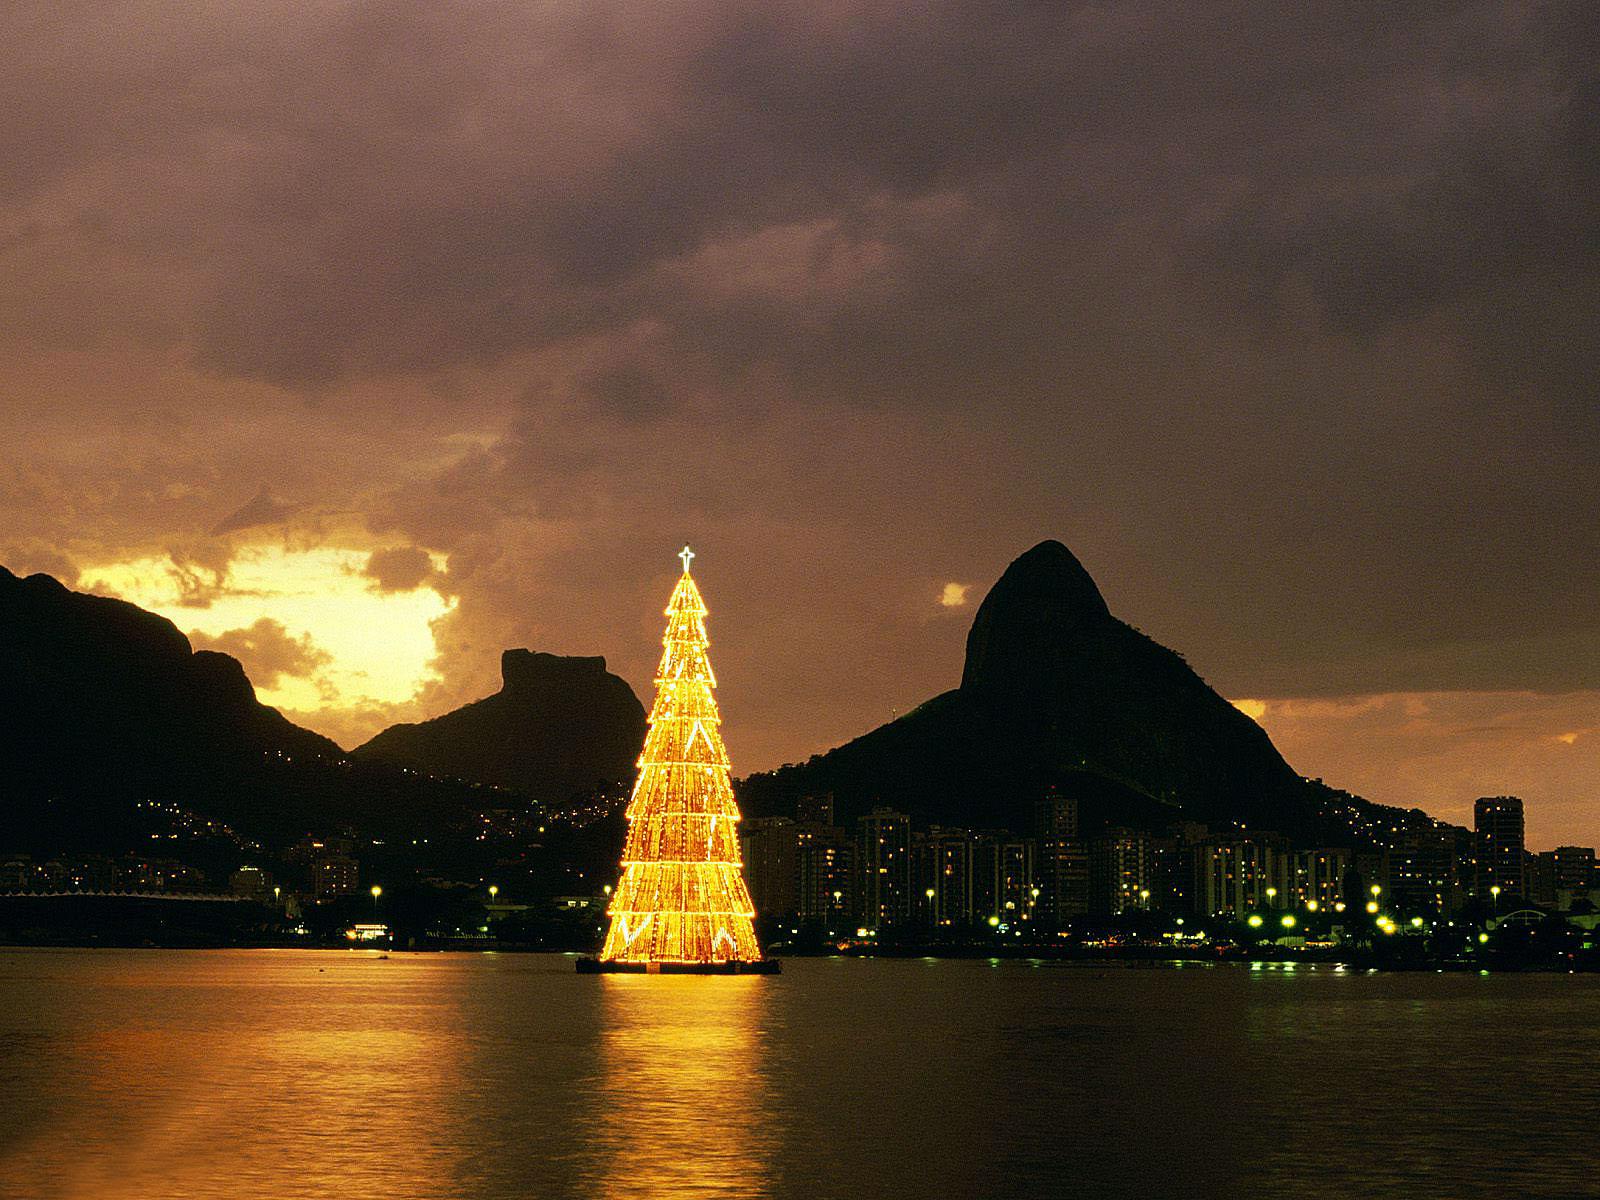 christmas pc wallpaper,sky,landmark,nature,horizon,dusk